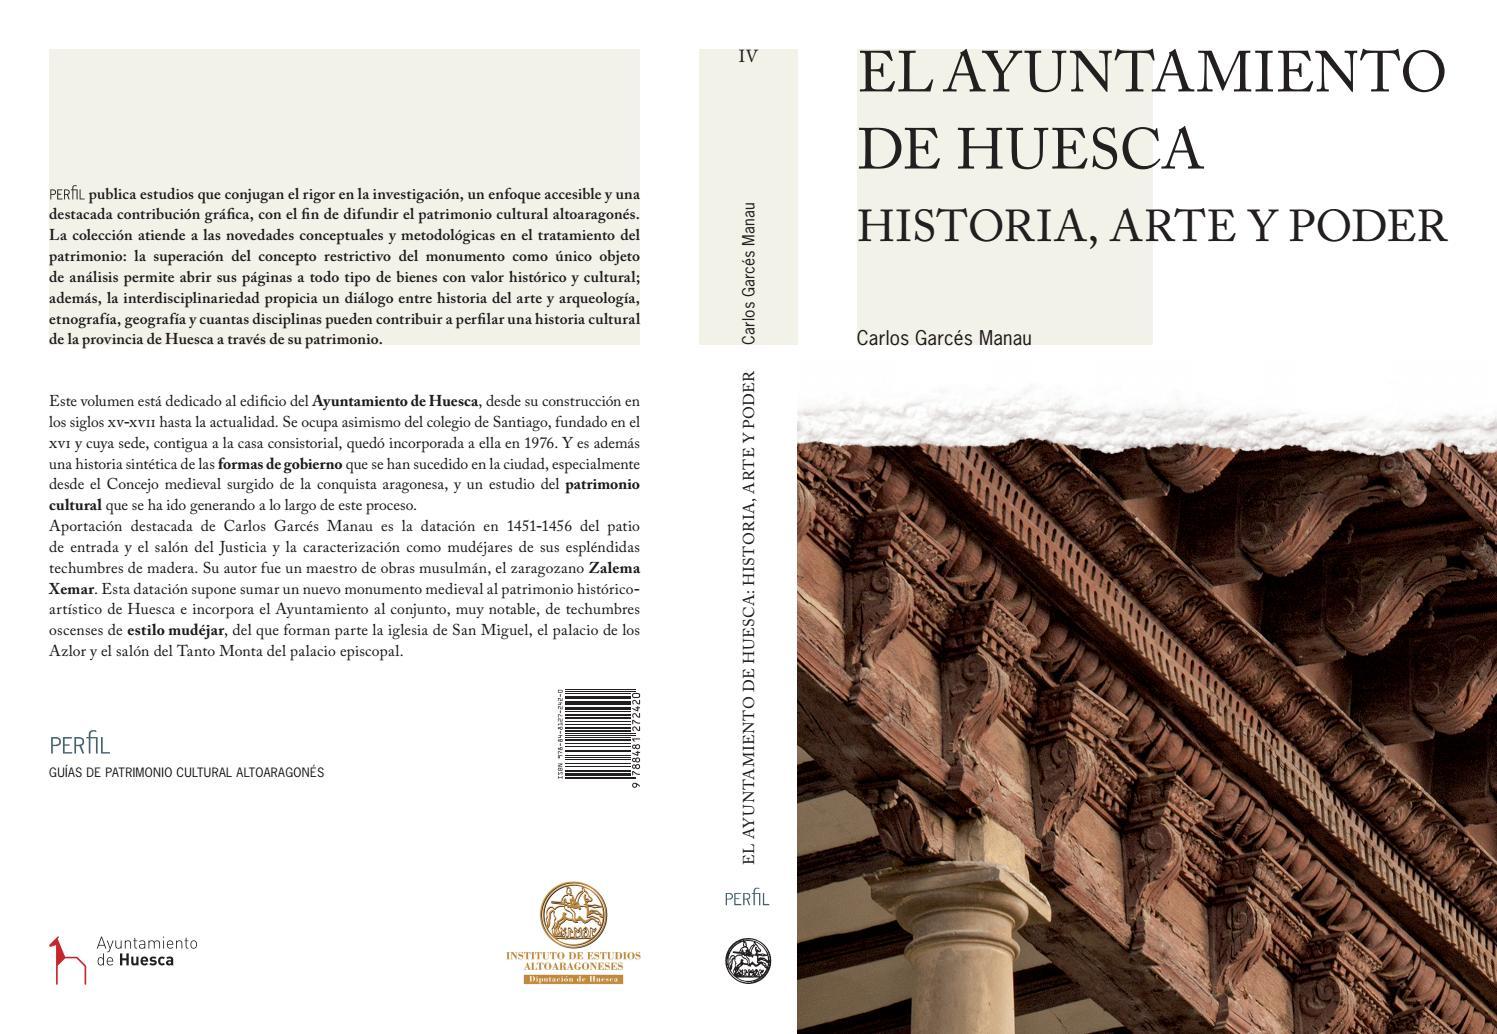 La construcción de obeliscos en la historia de 1600